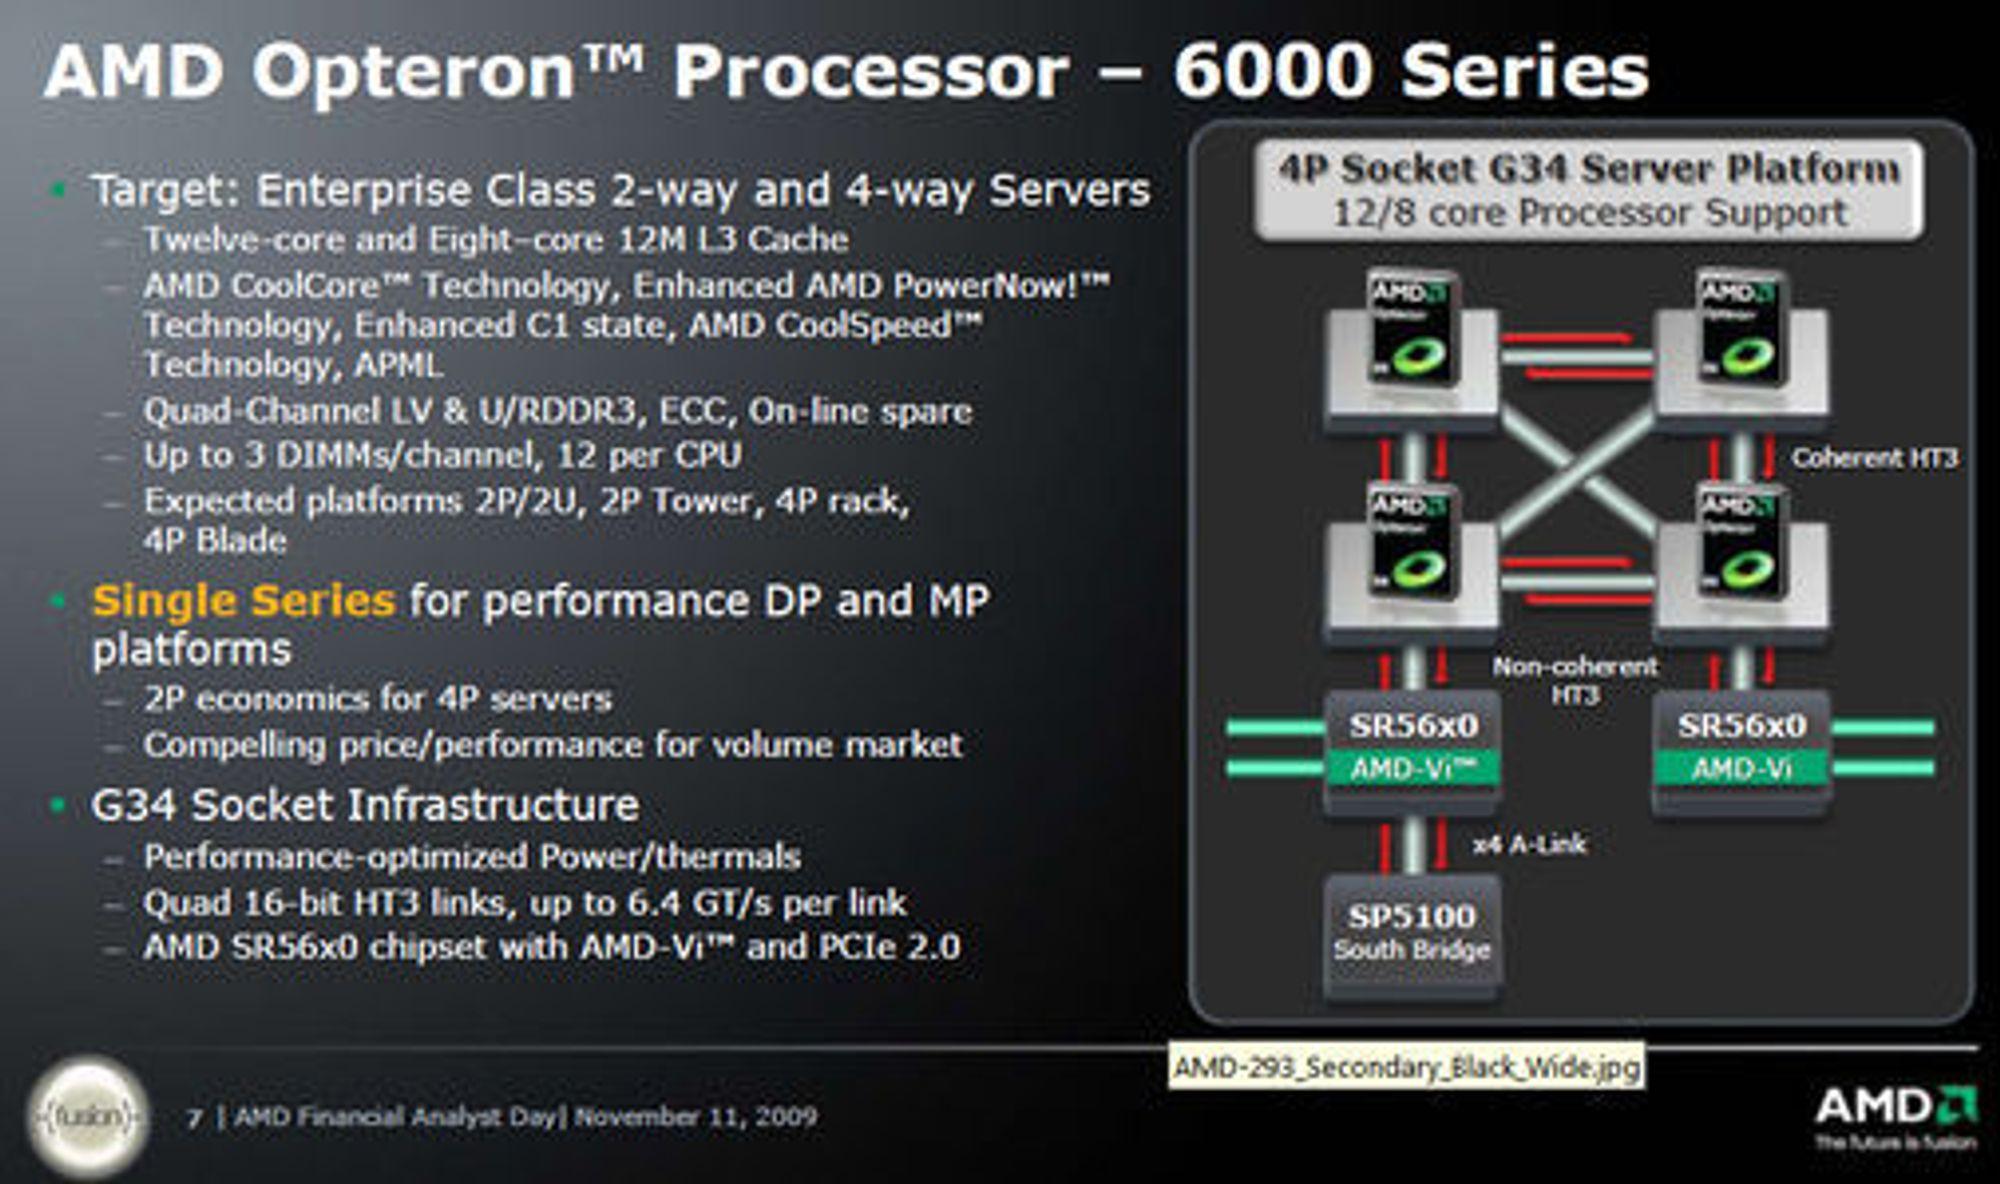 Detaljer om AMDs kommende Opteron 6000-serie